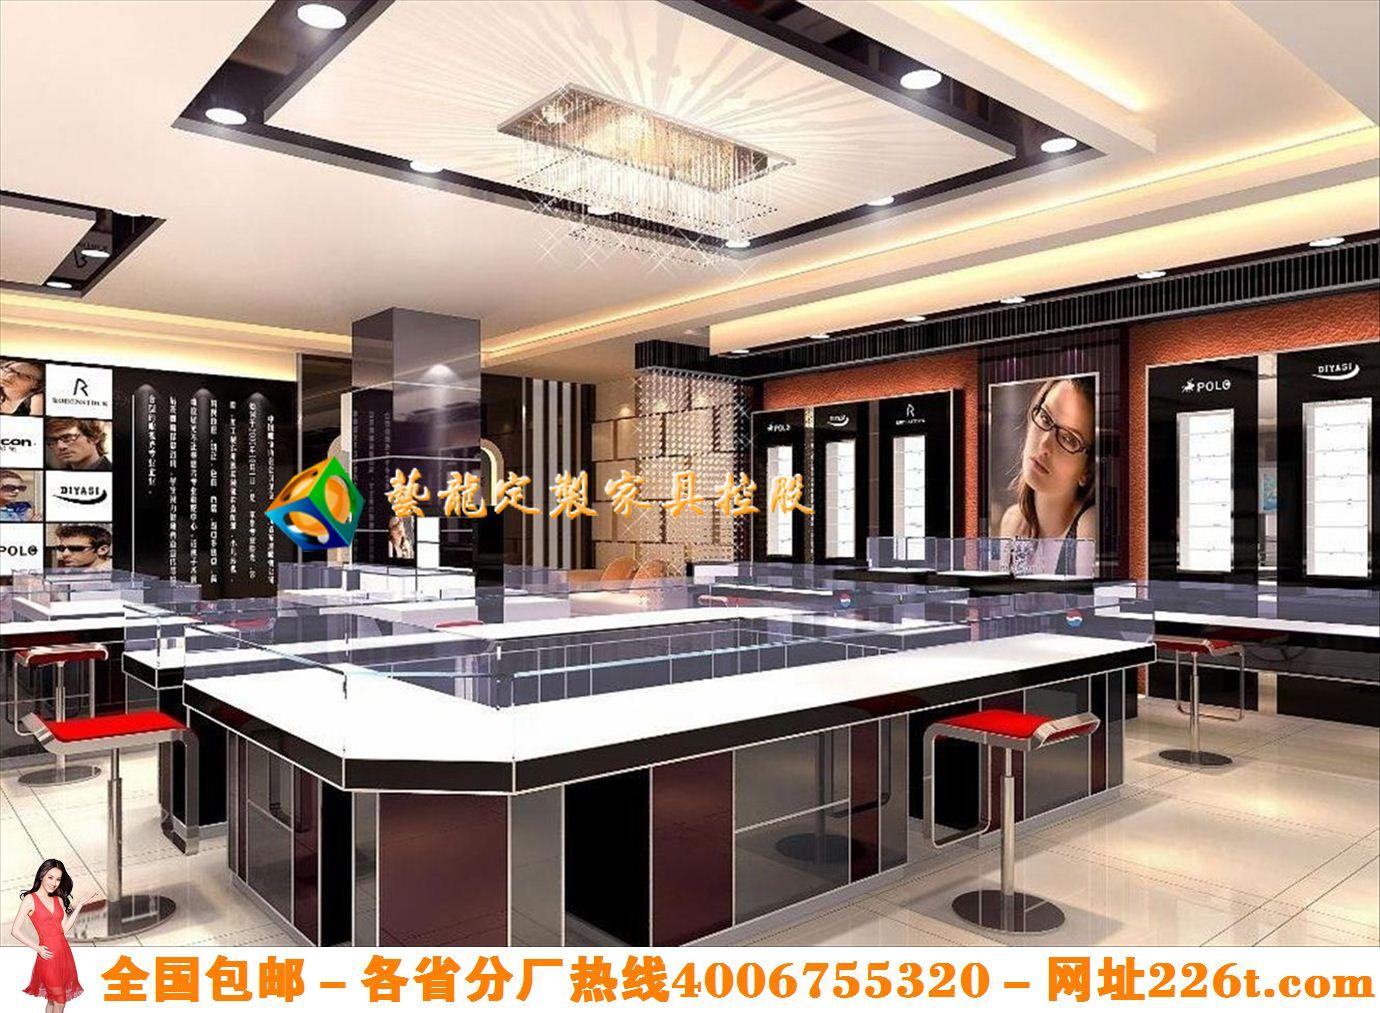 创意时尚眼镜店设计高档眼镜展示柜效果图韩版眼镜实体店装修图1201